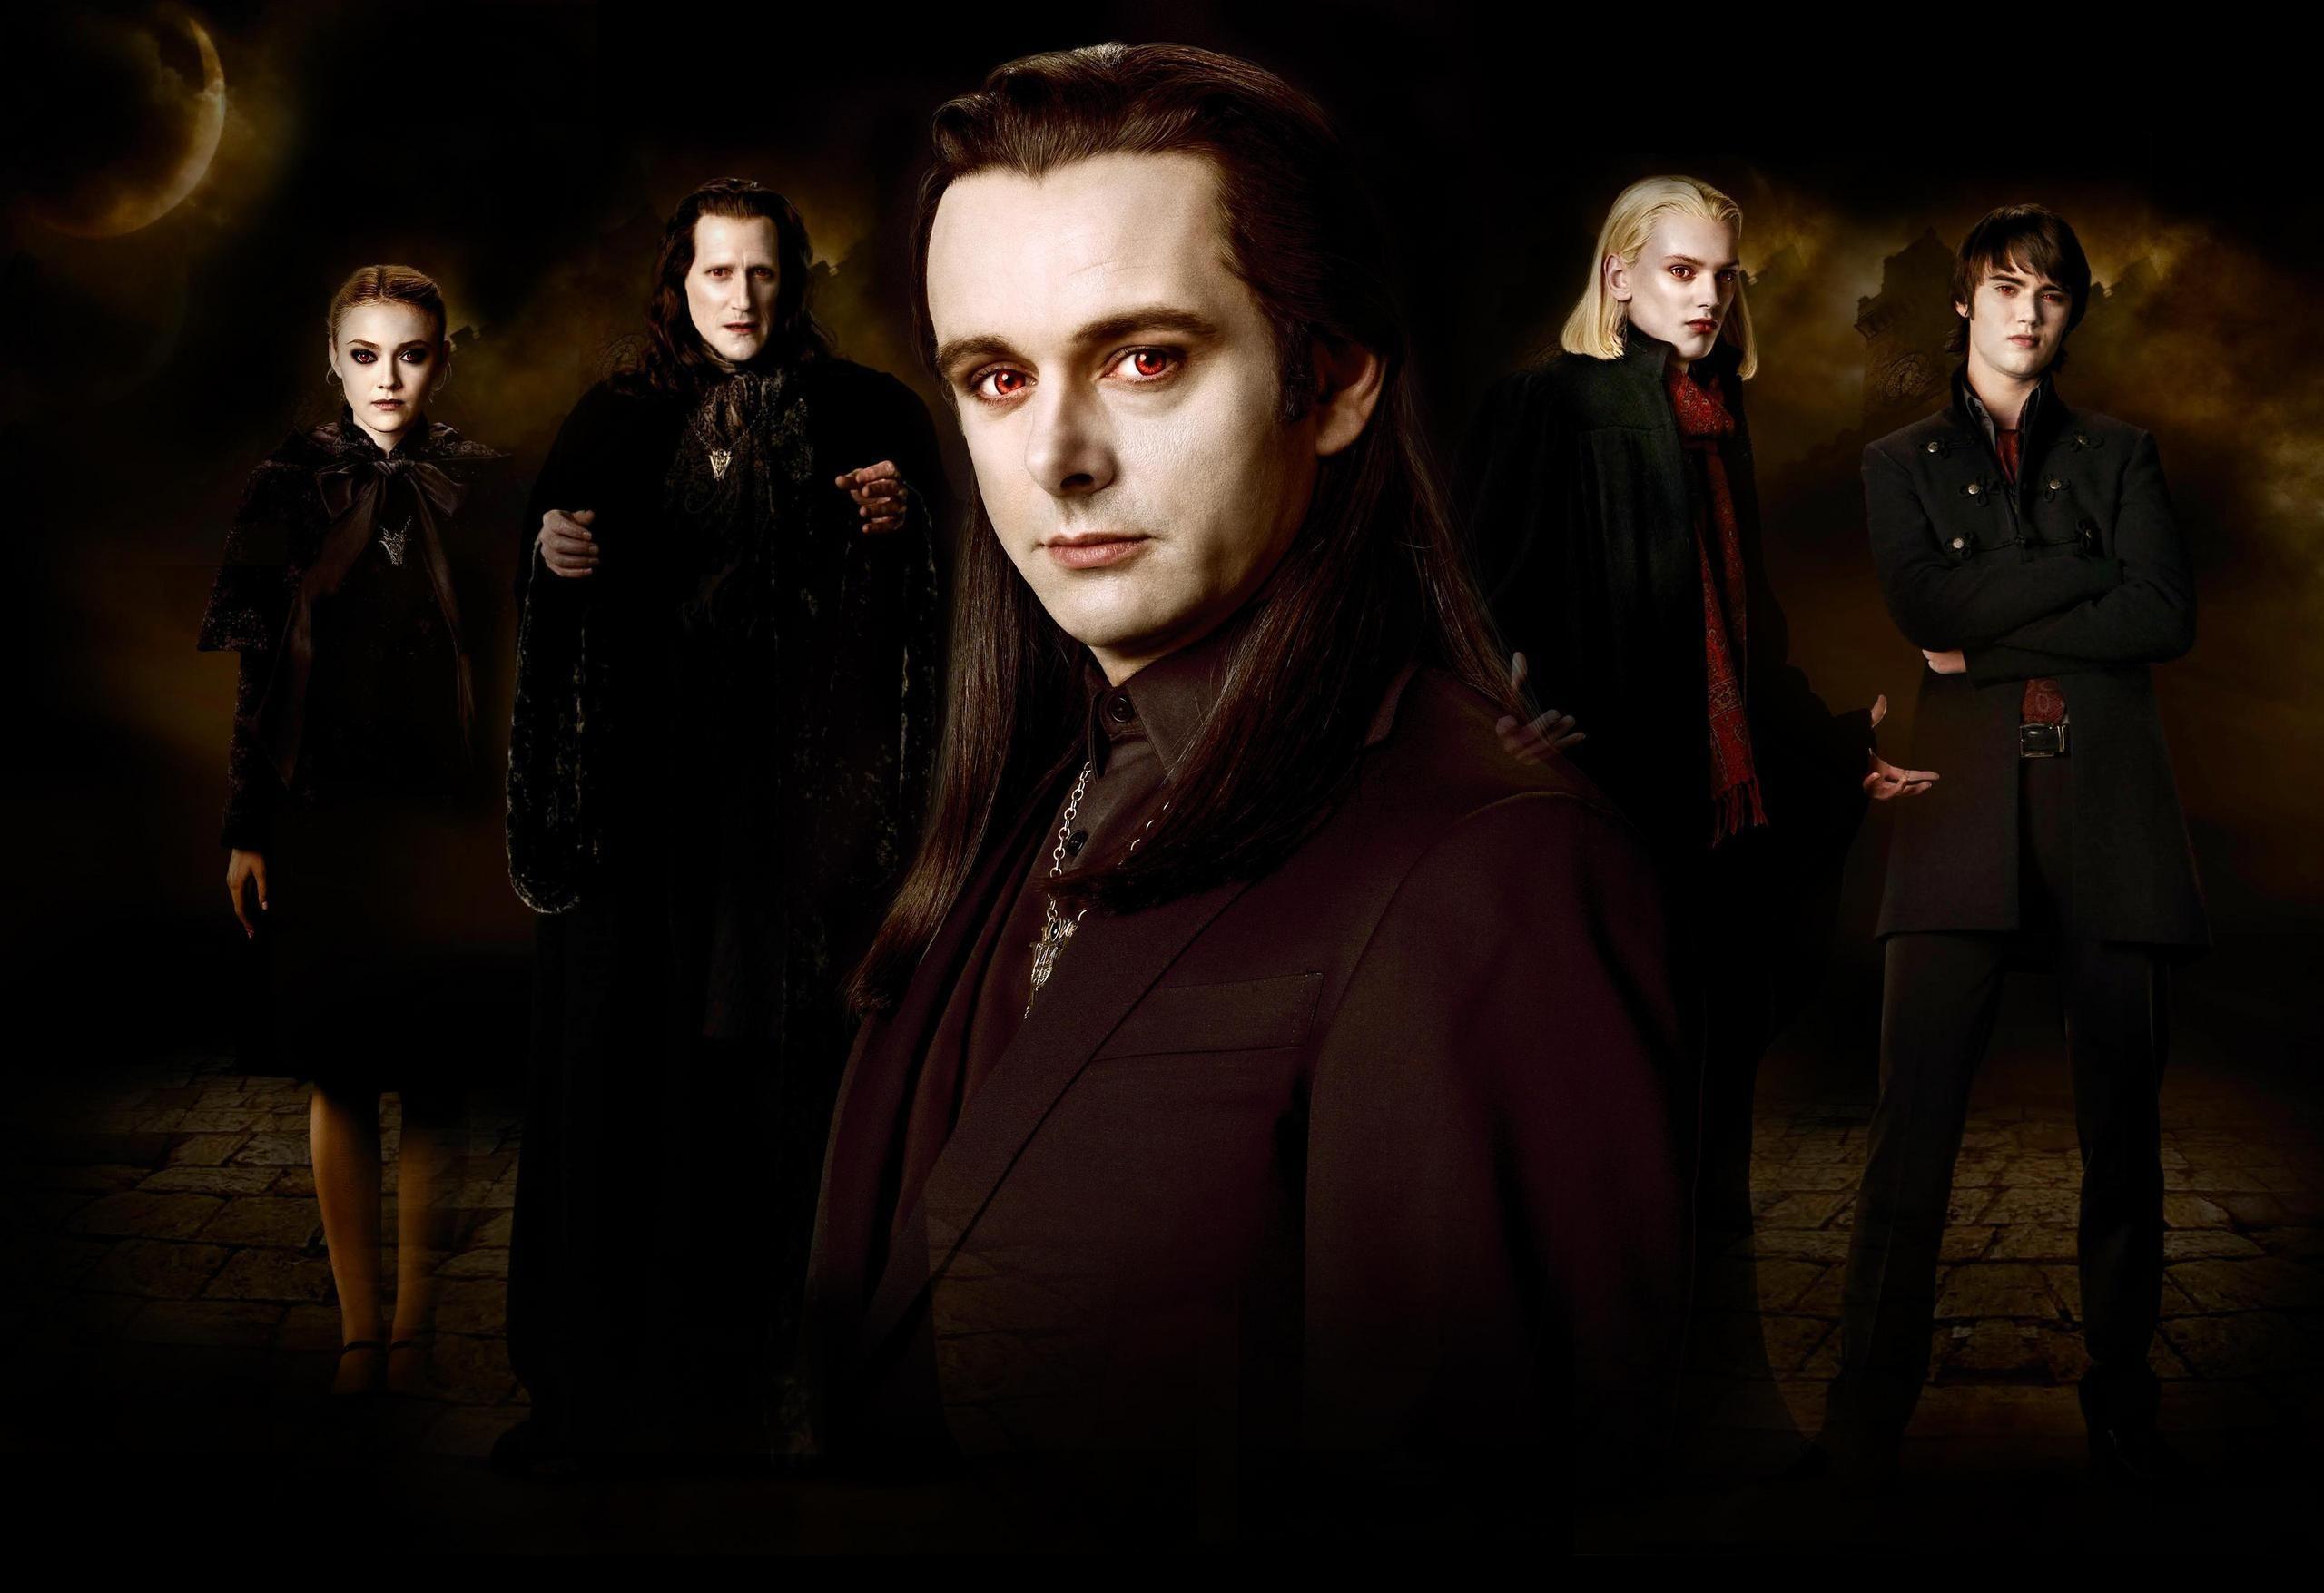 Aro and the Volturi Coven | The Volturi in 2019 | Twilight